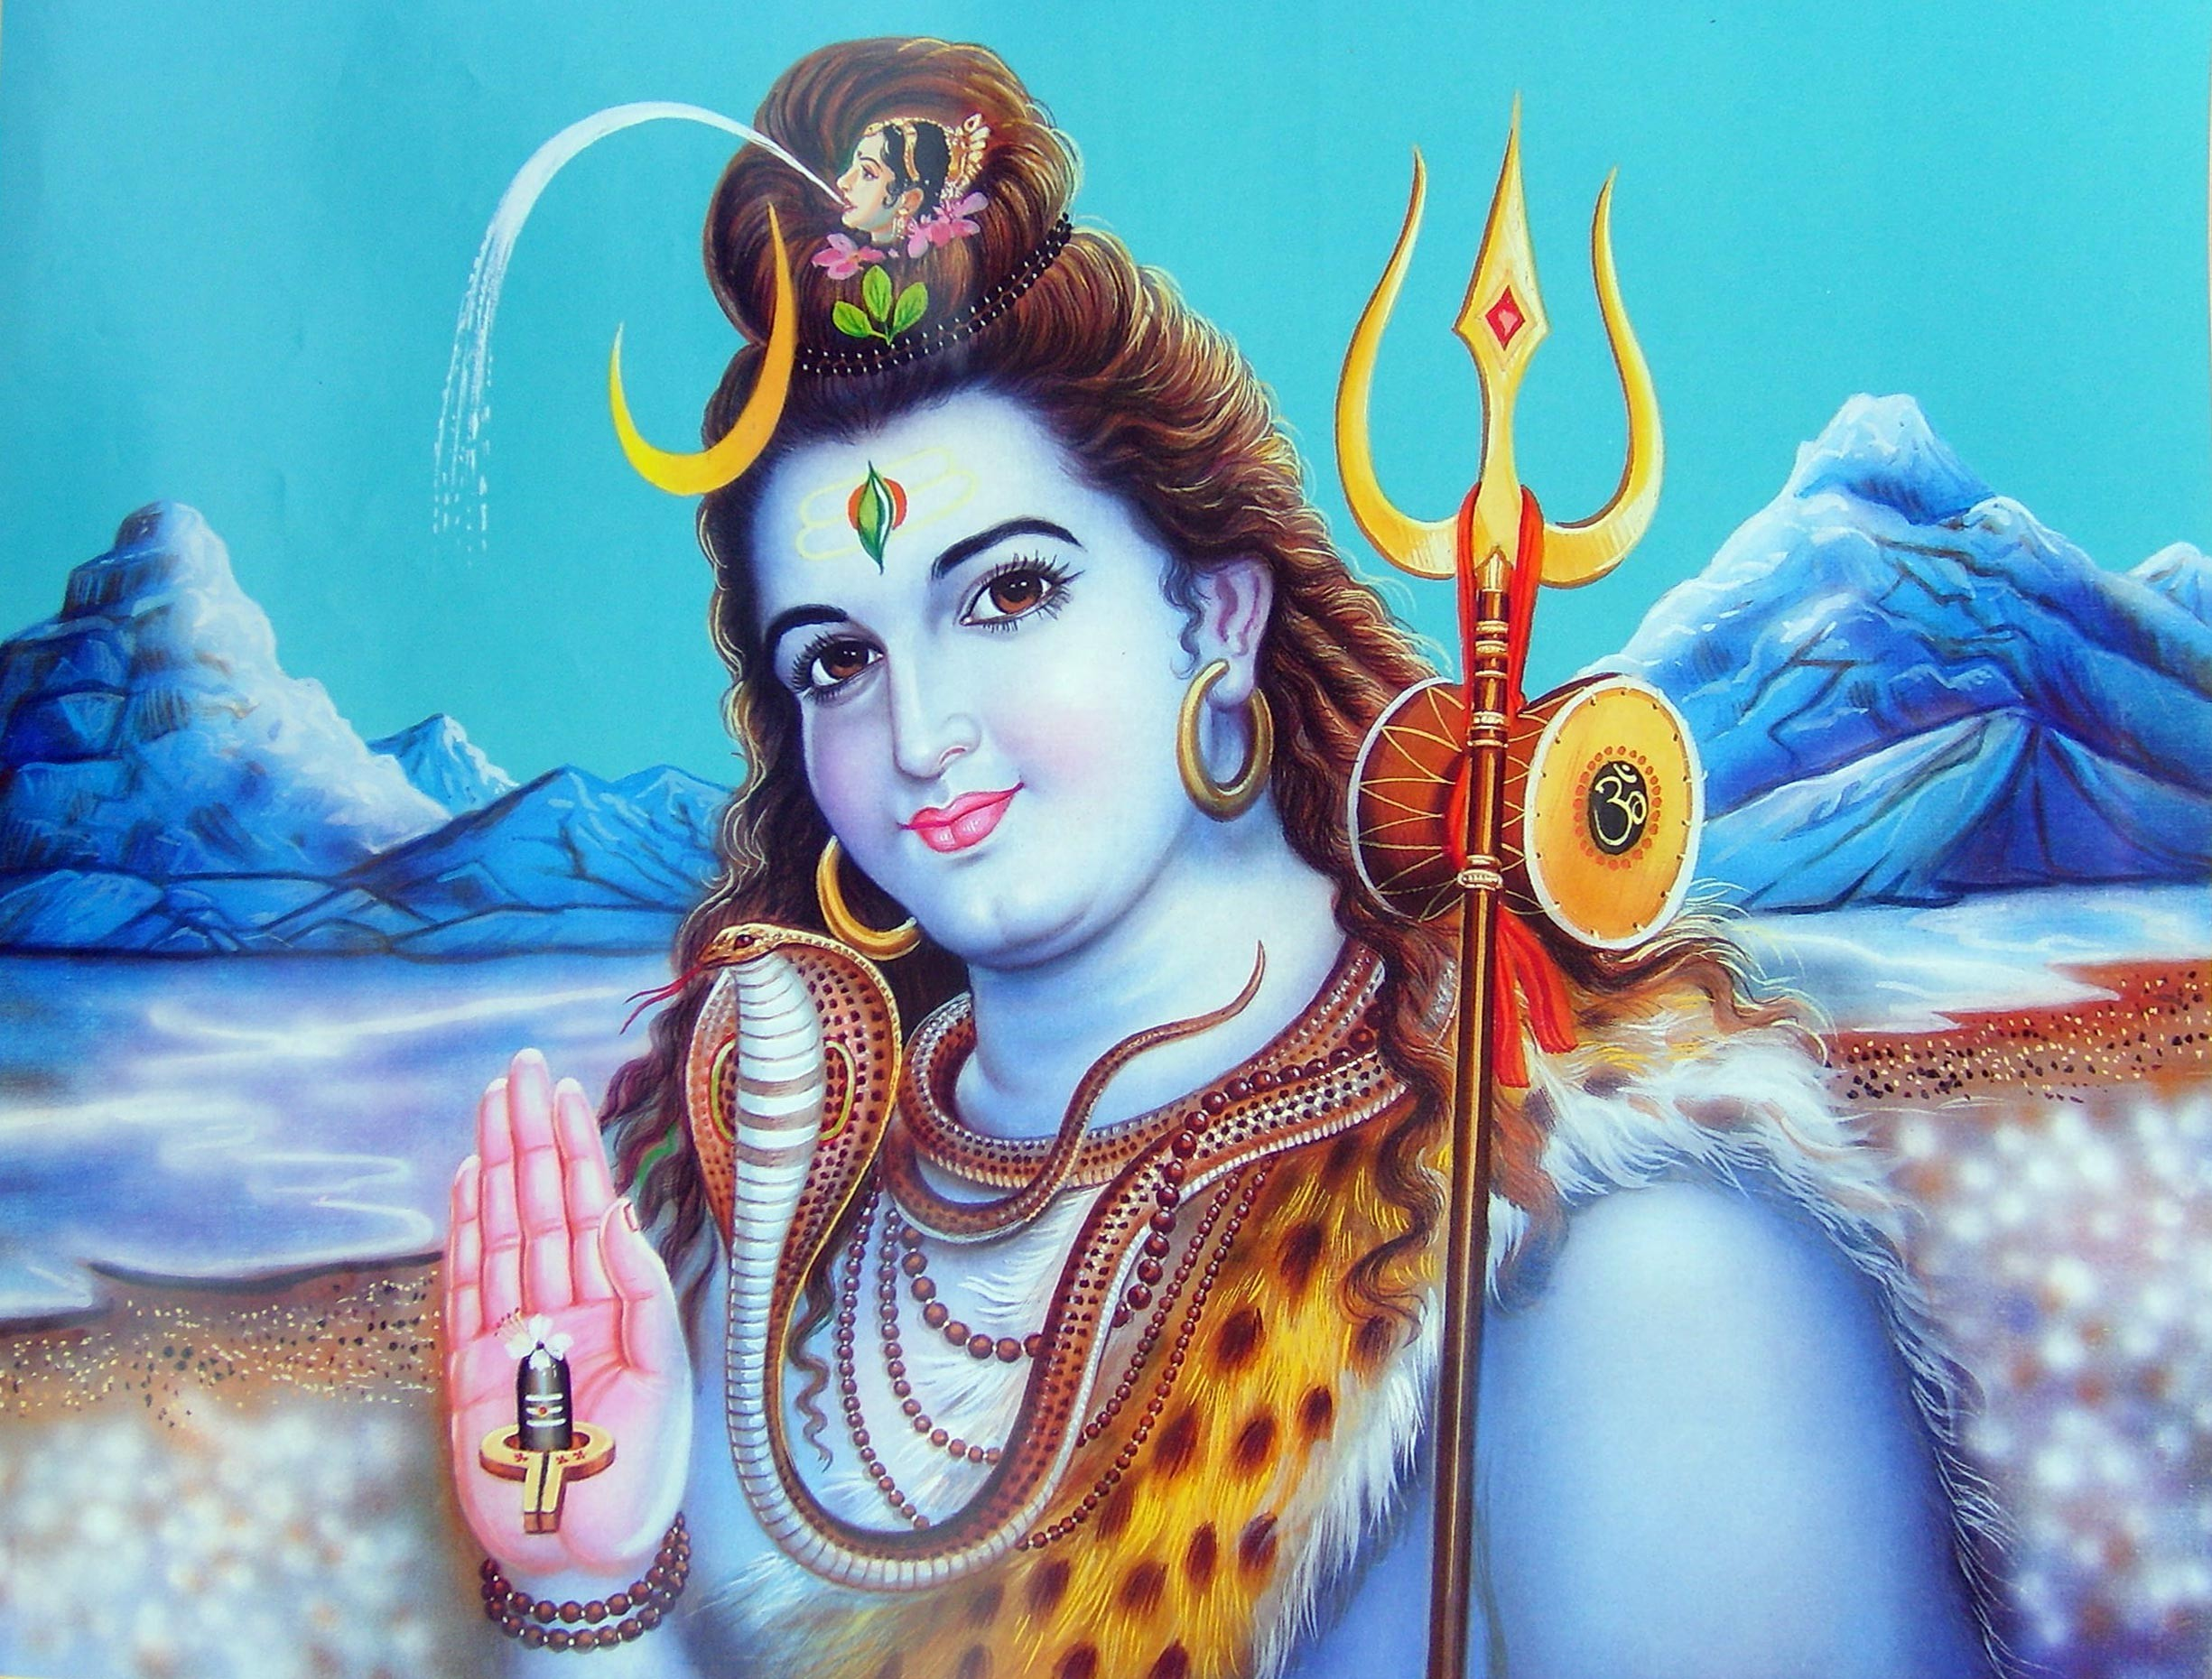 Maha Shivaratri Images, Lord Shiva Wallpapers For Shivaratri - Lord Shiva - HD Wallpaper